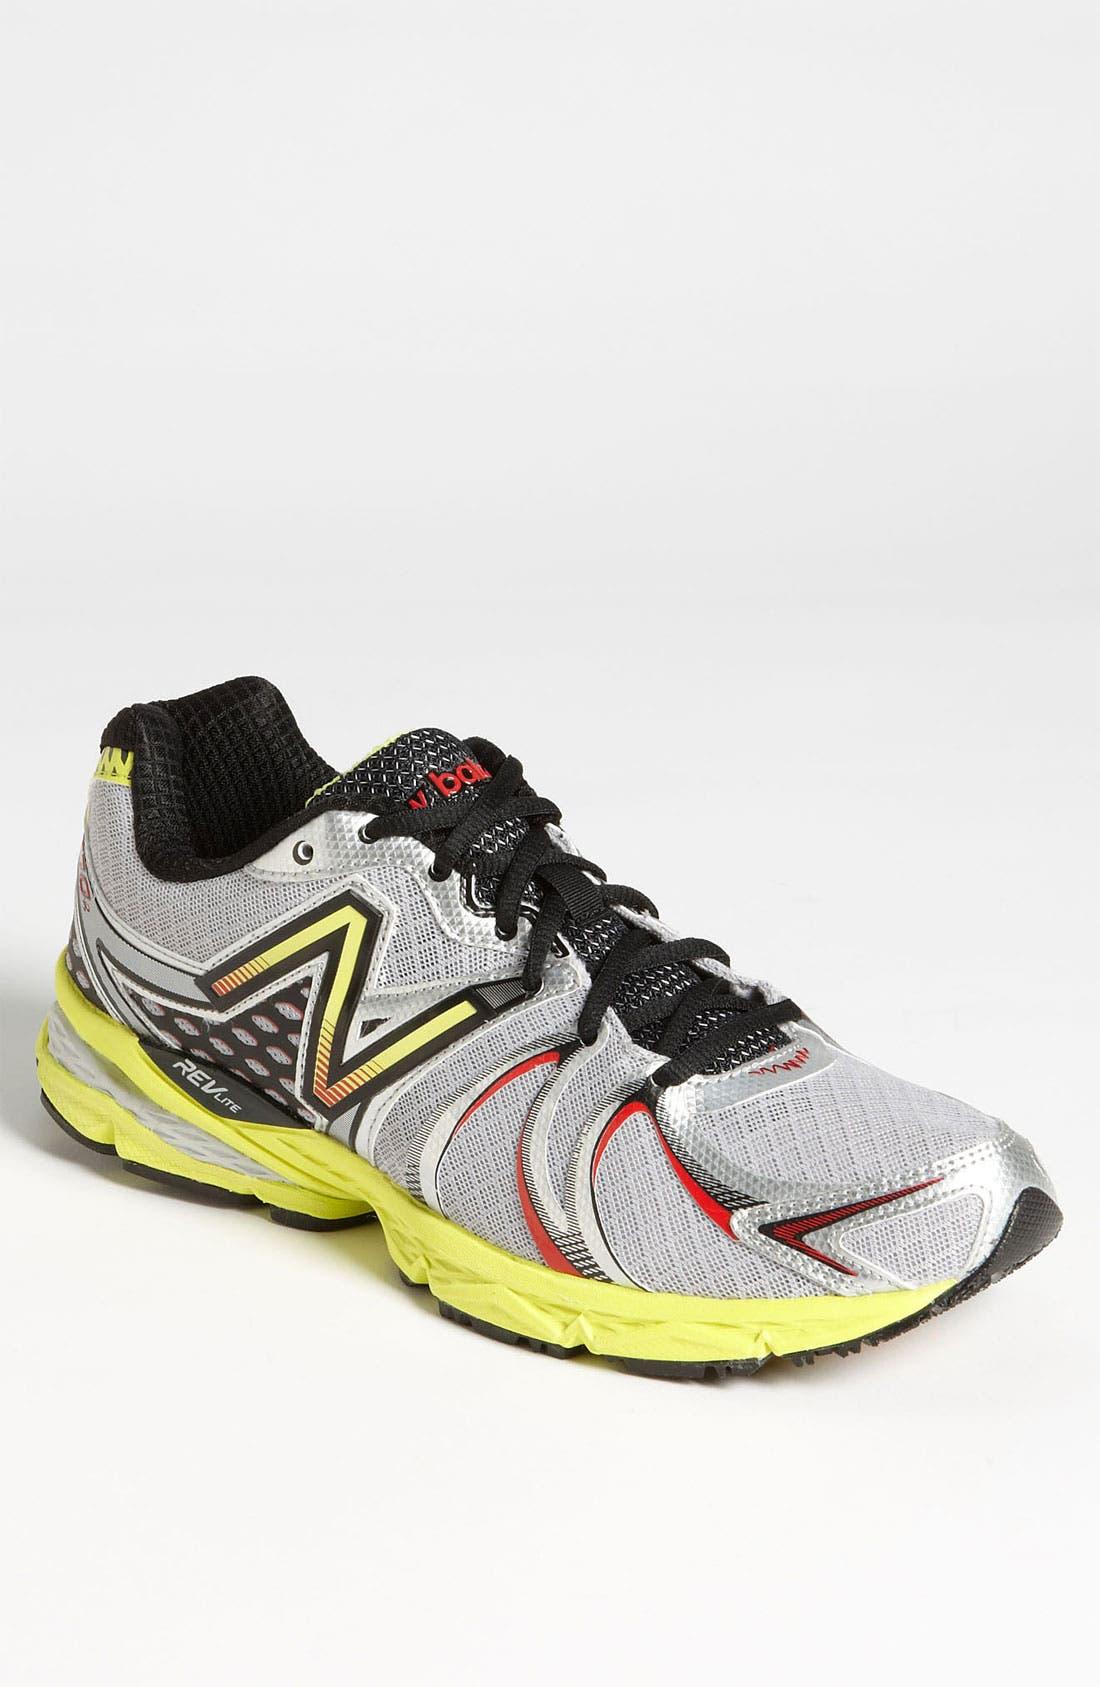 Main Image - New Balance '870' Running Shoe (Men)